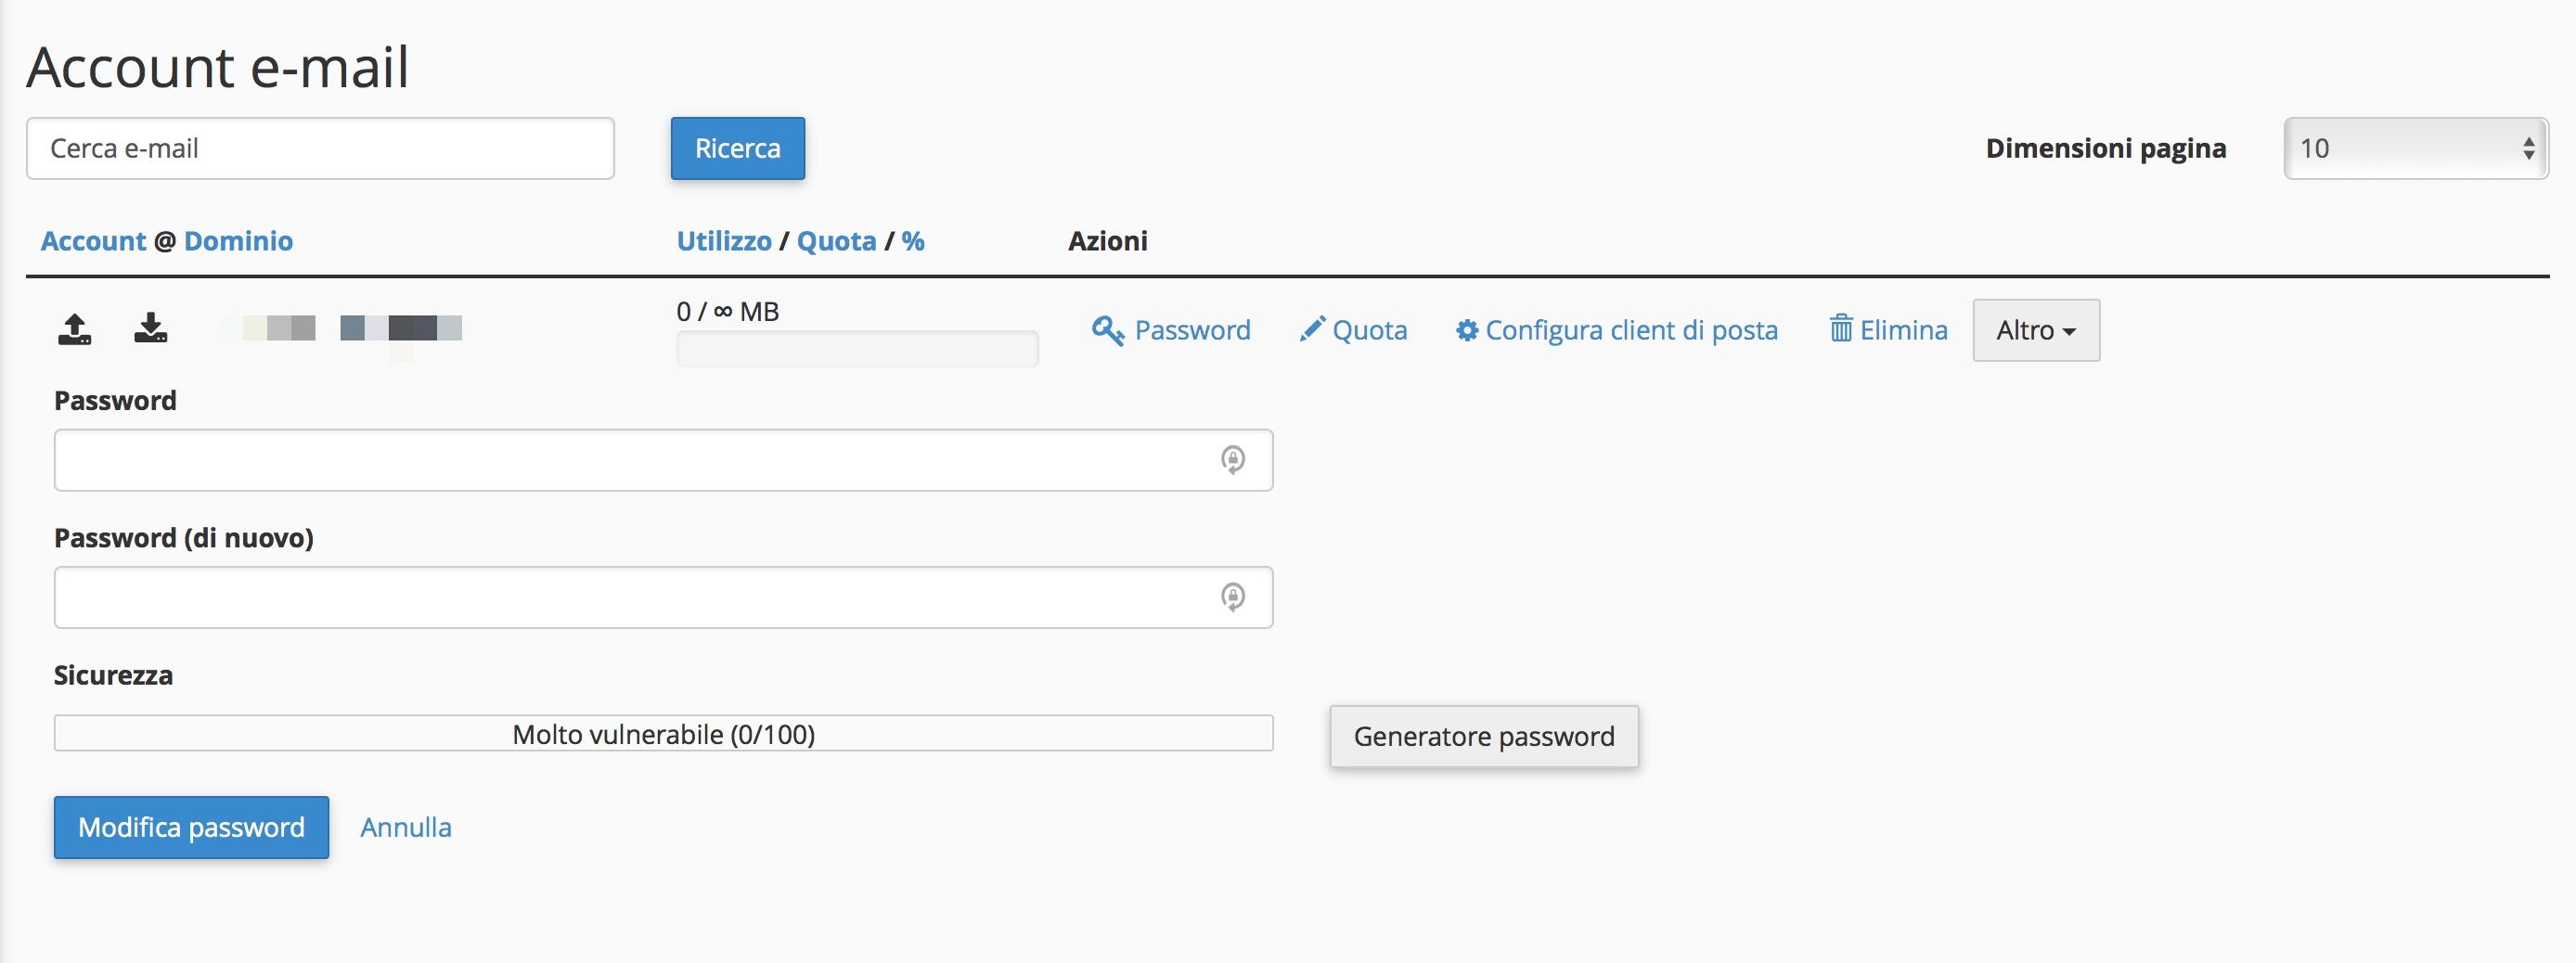 Come modificare la password di un indirizzo mail